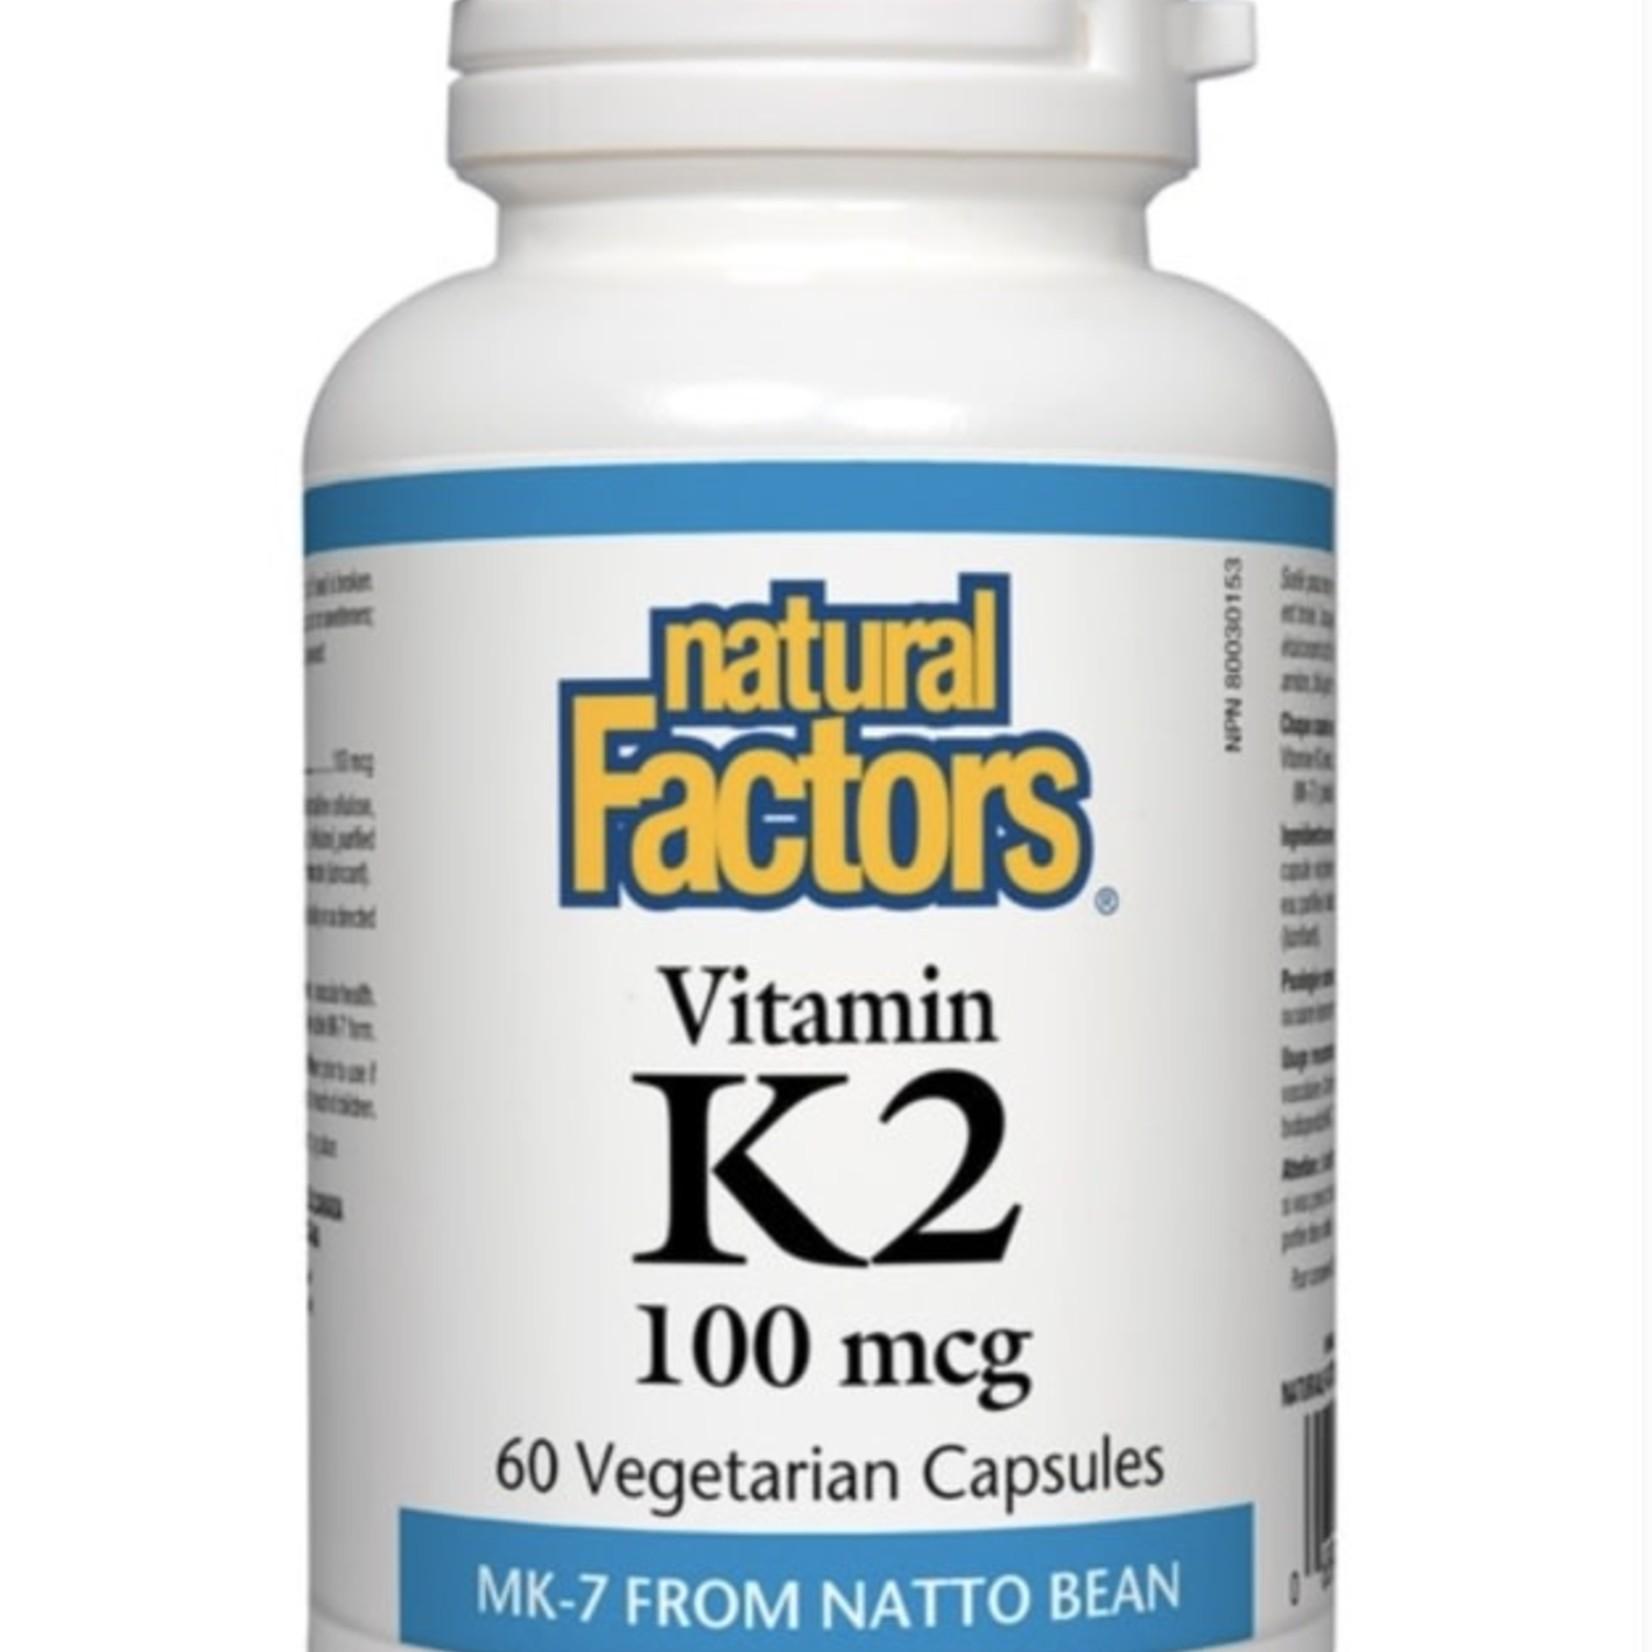 Natural Factors Natural Factors Vitamin K2 100mcg 60 caps